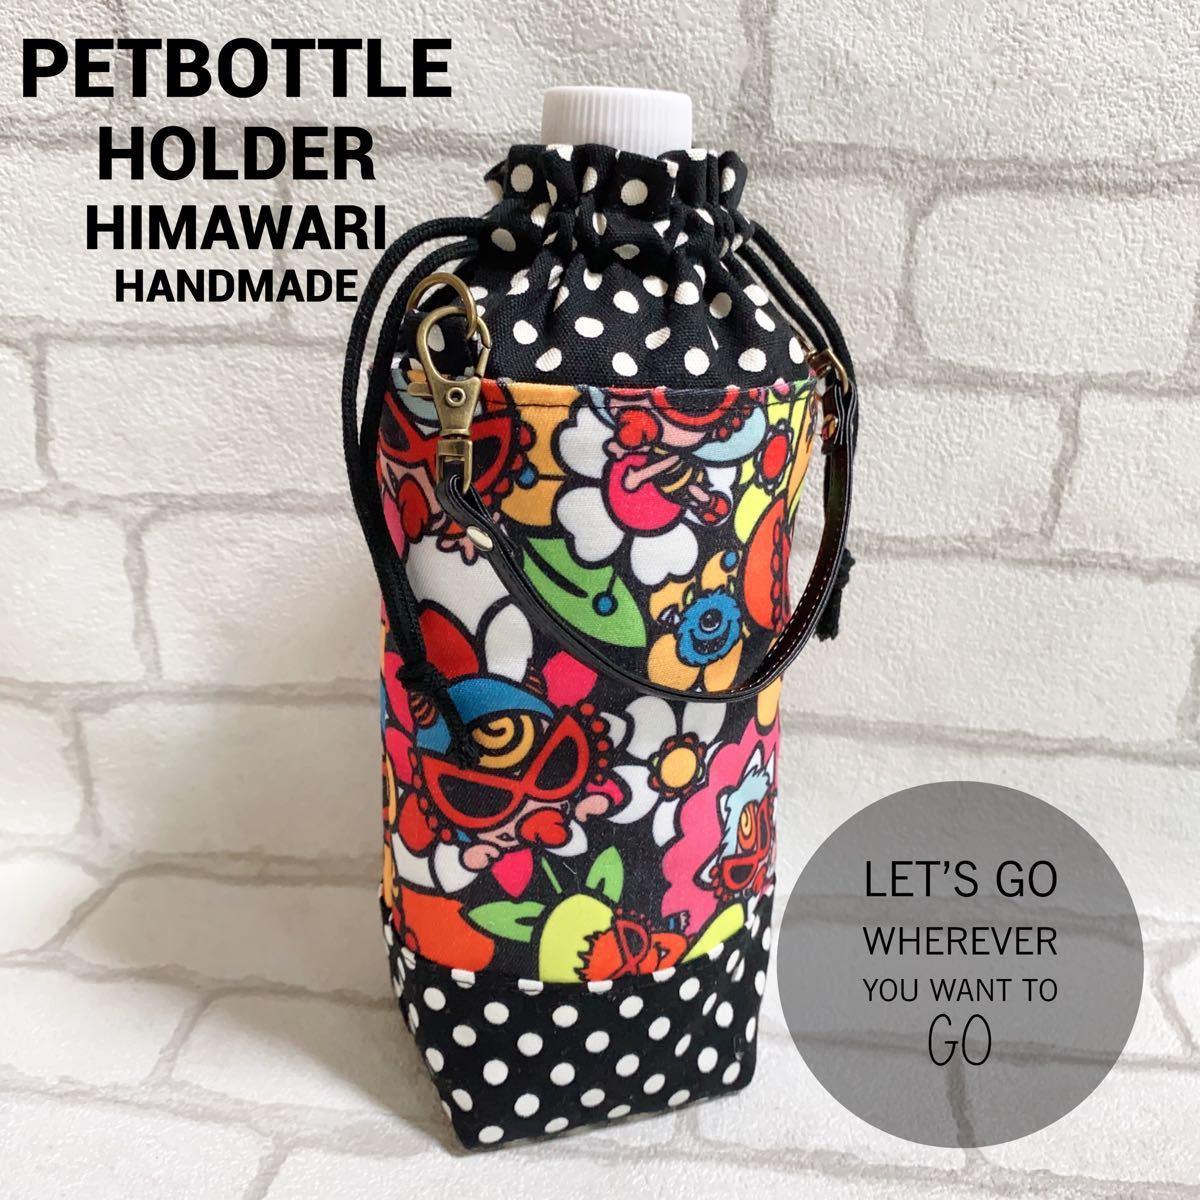 ペットボトルホルダー  ペットボトルカバー 水筒ケース 保温 保冷 洗濯OK ヒスミニ  ハンドメイド